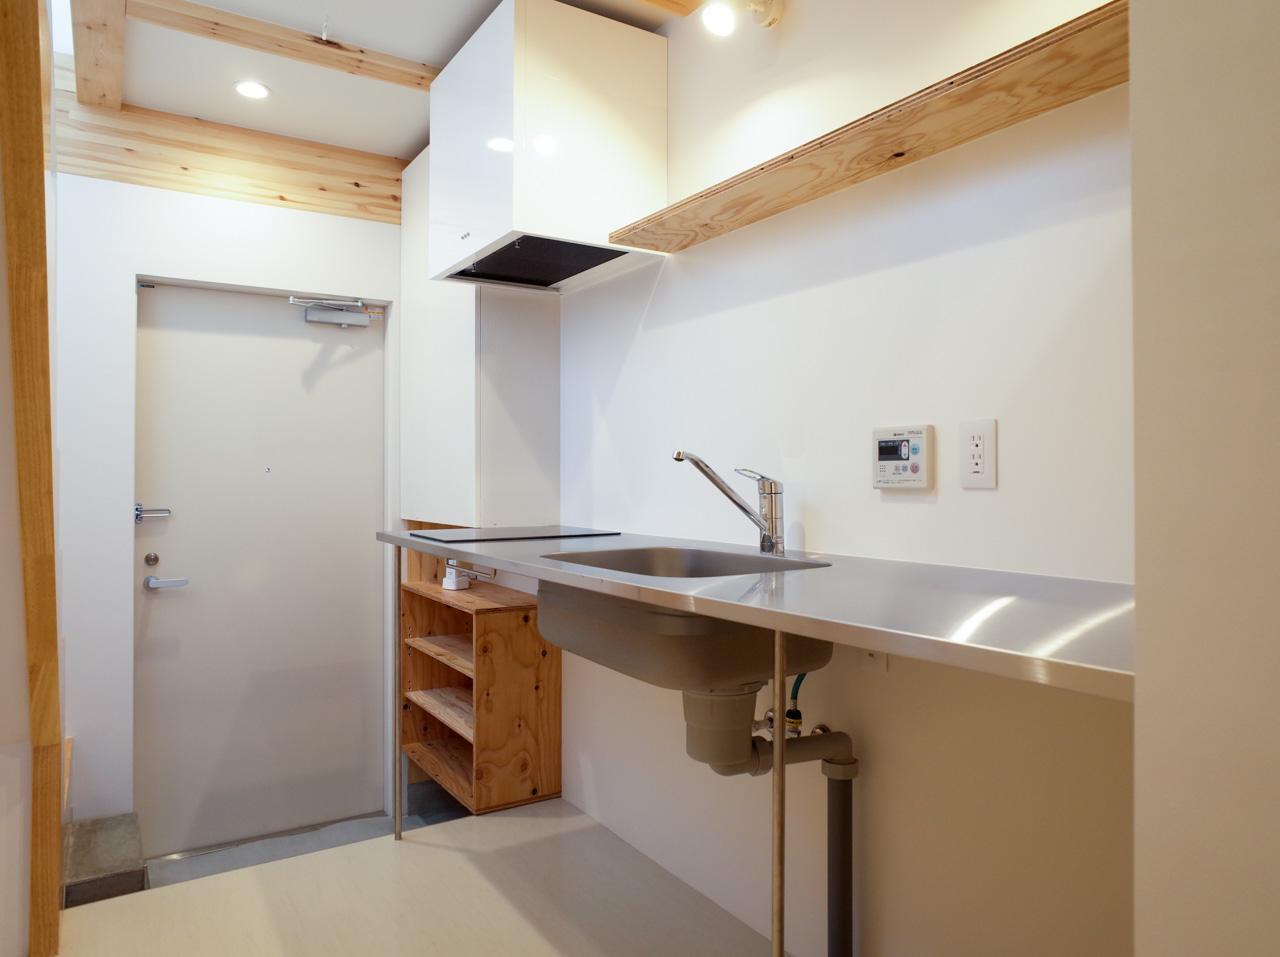 様になるステンレス製のキッチン